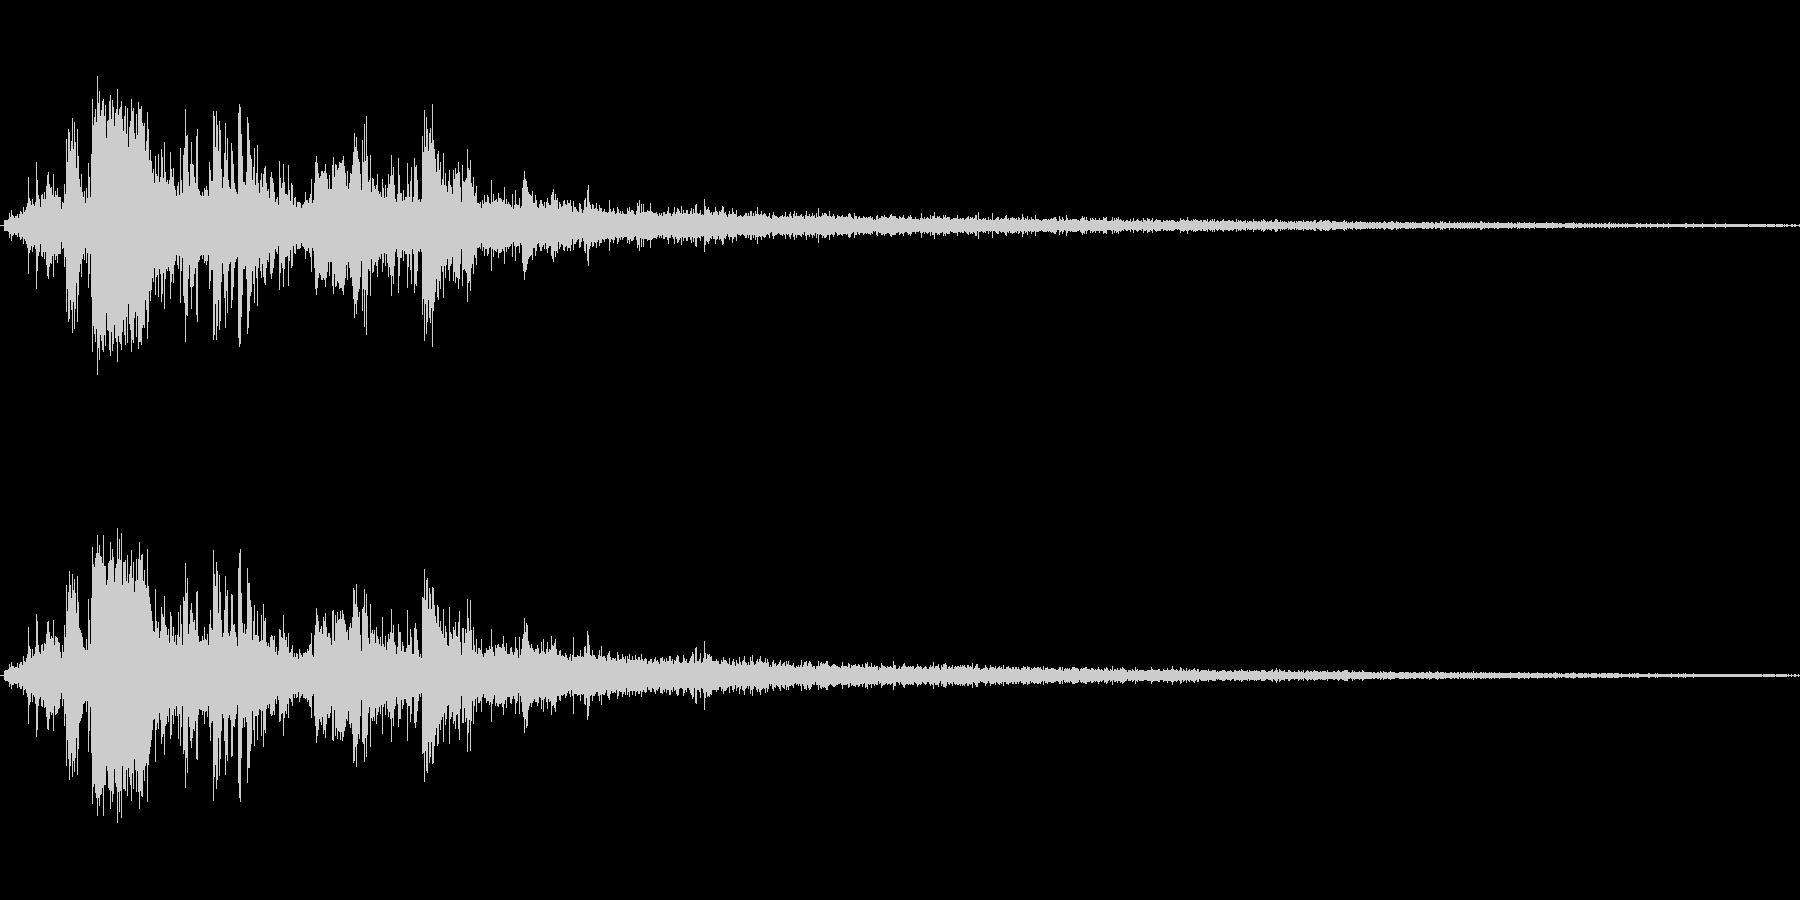 岩が崩れる音 (1)の未再生の波形